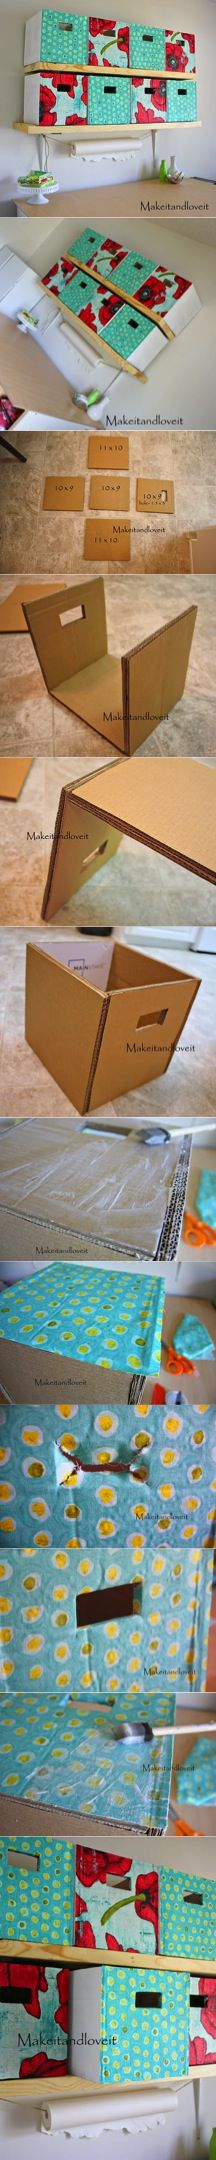 En Cajadecarton.es tenemos planchas de cartón ondulado para que puedas hacer manualidades como esta. Puedes encontrar las planchas de cartón aquí: https://www.cajadecarton.es/carton-corrugado/planchas-de-carton?utm_source=Pinterest&utm_medium=social&utm_campaign=20160616-planchas_carton